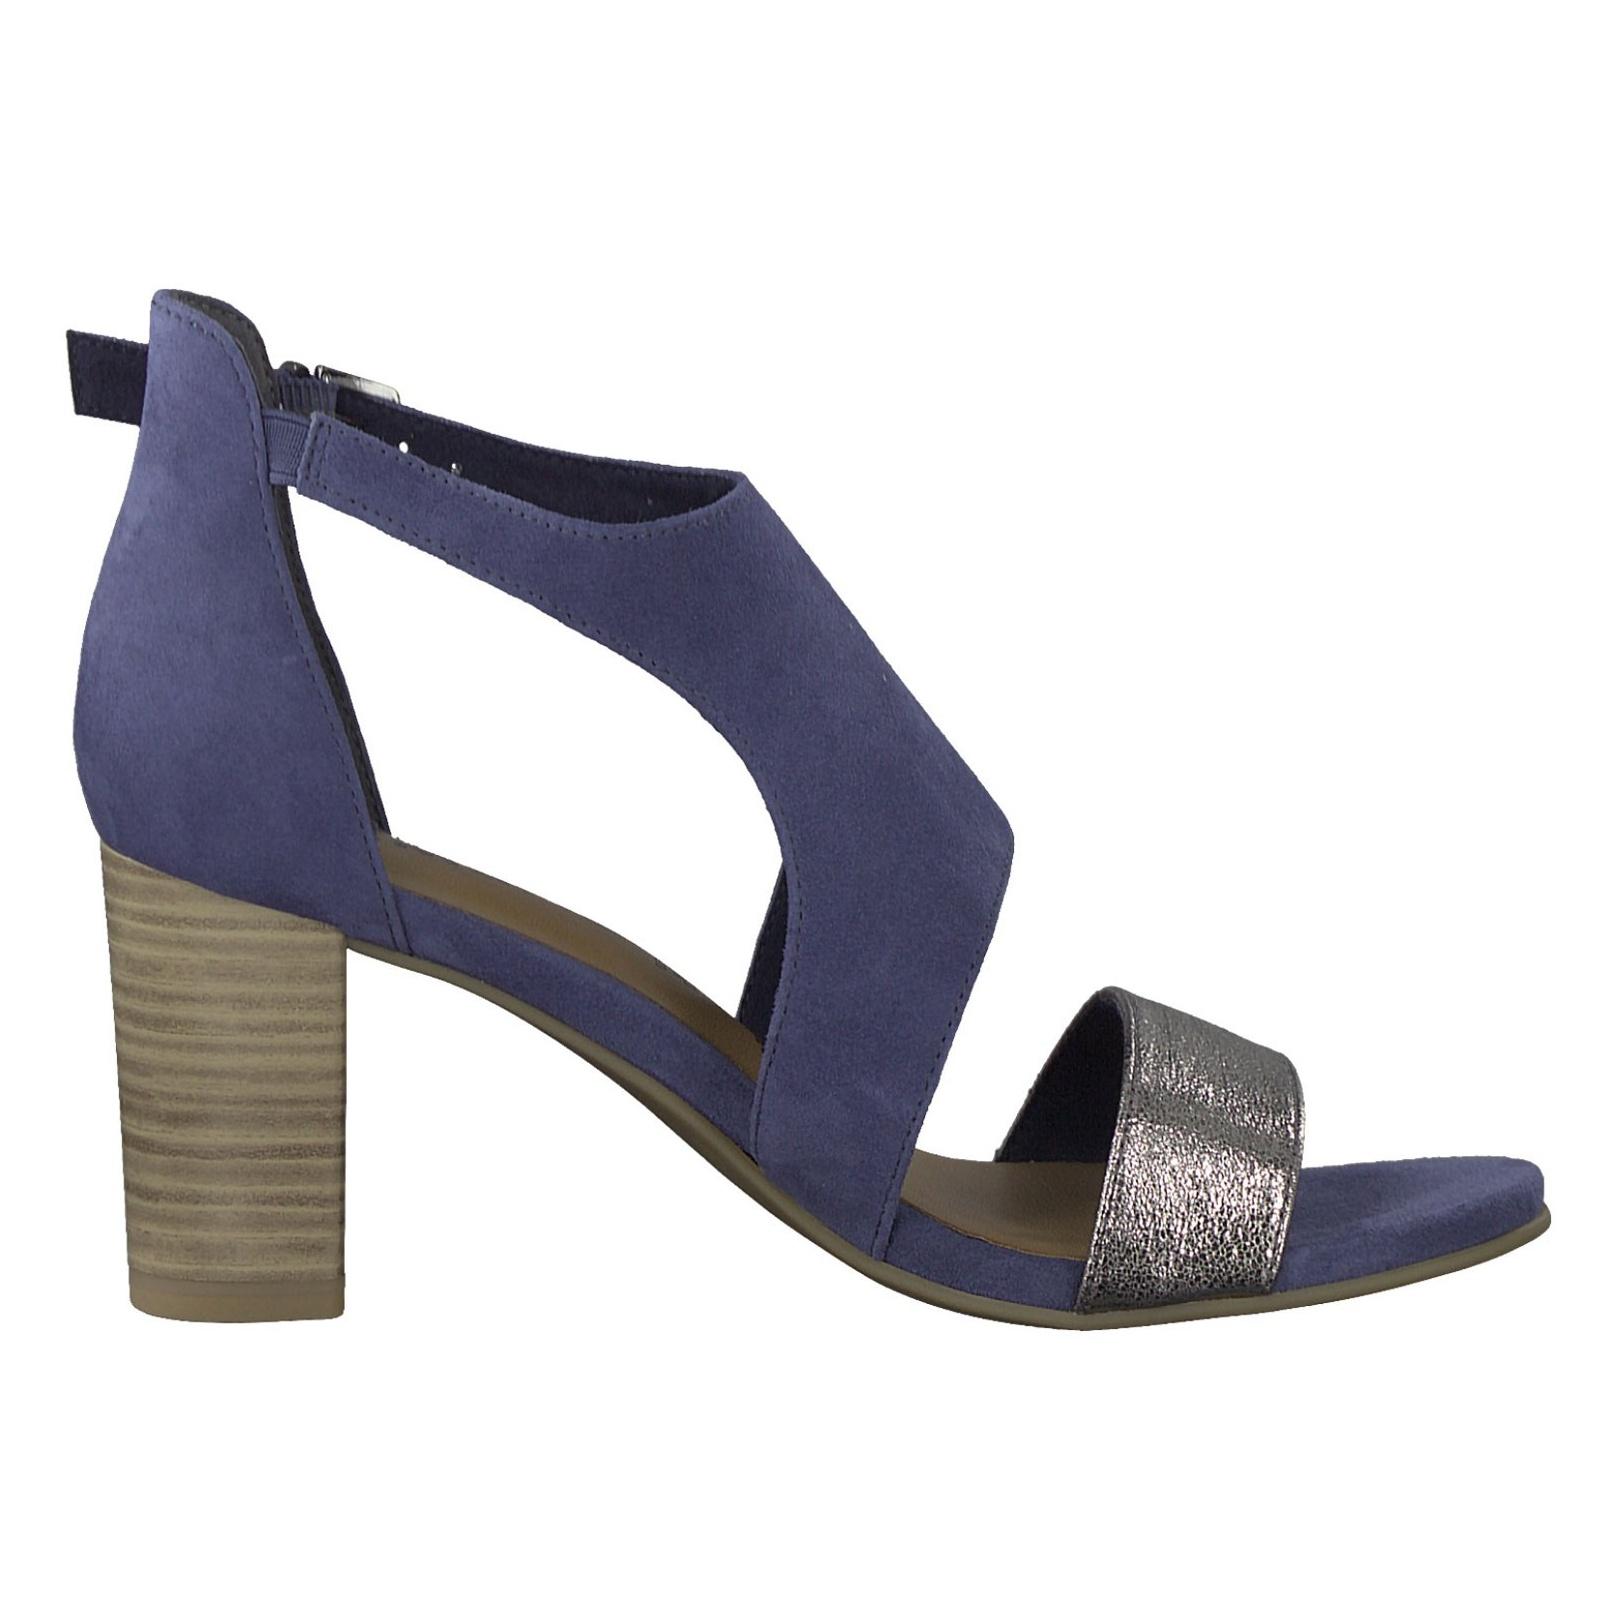 کفش پاشنه بلند زنانه - تاماریس